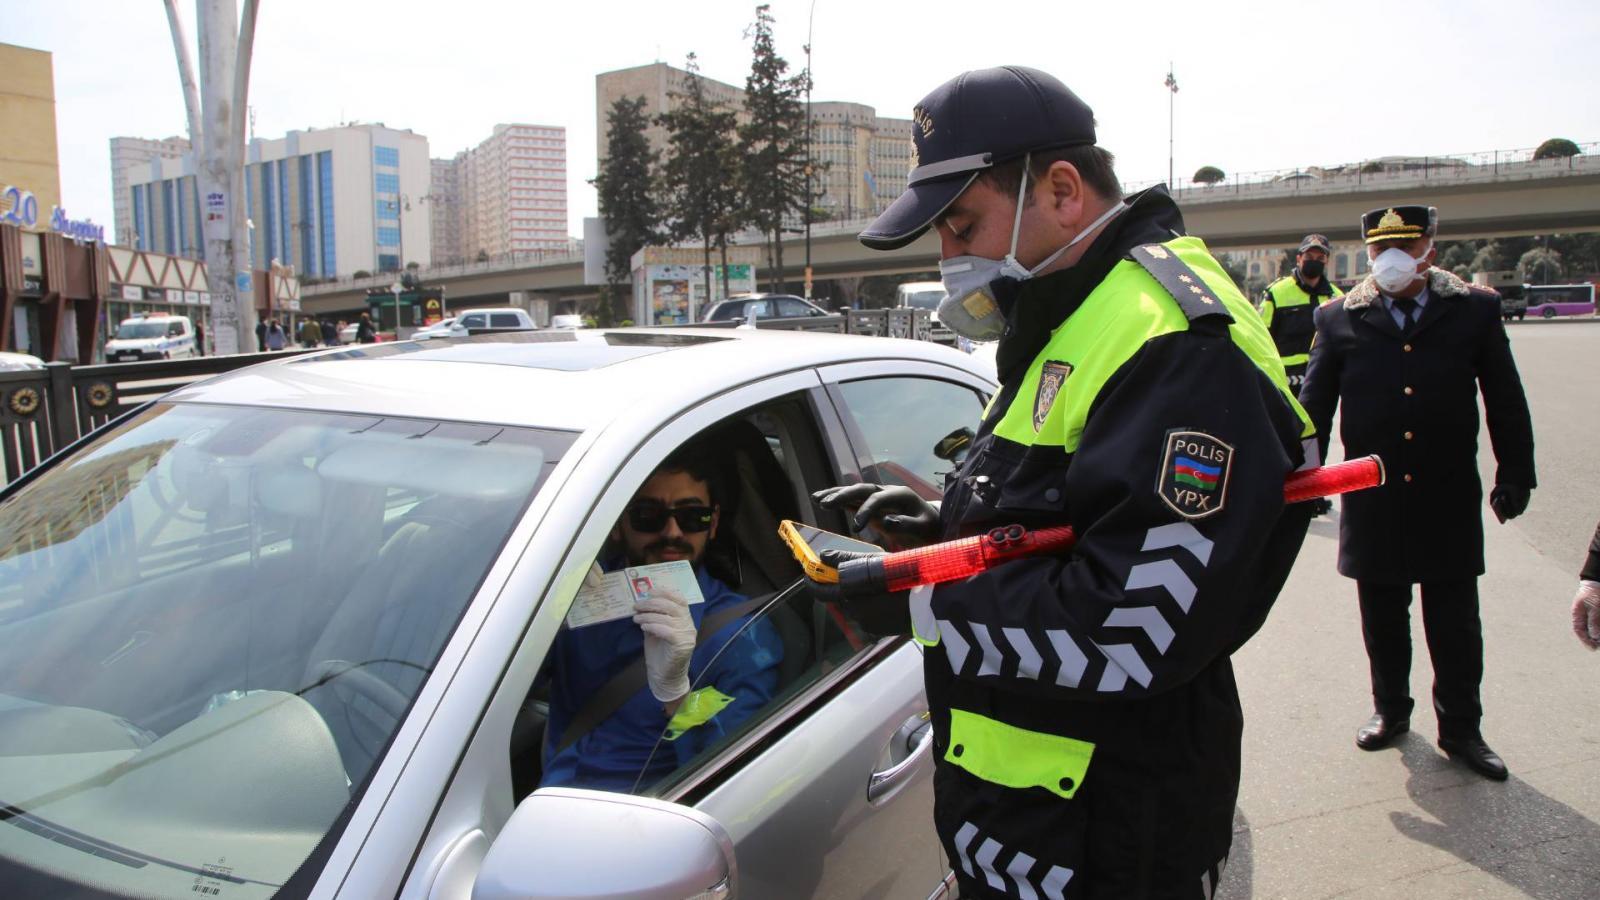 Gépeltérítési kísérletet hiúsítottak meg Azerbajdzsánban